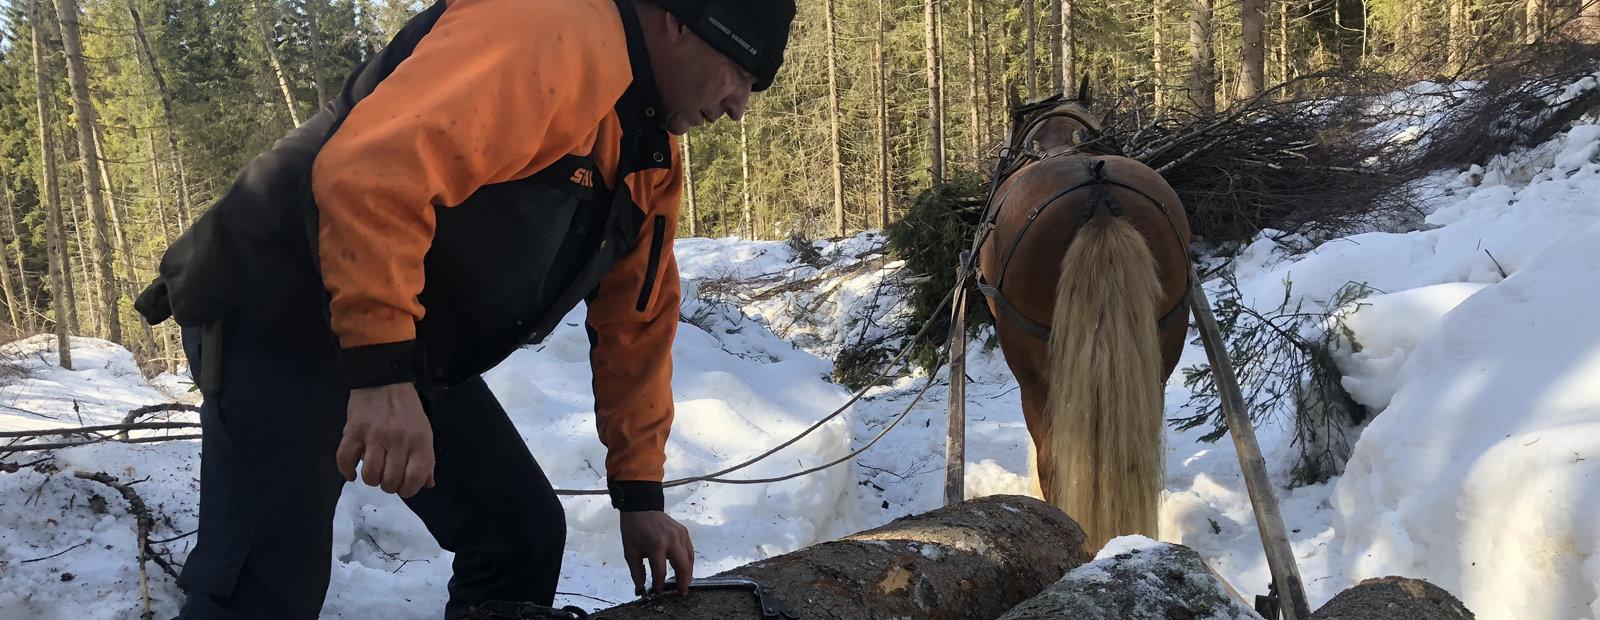 Skogsarbeider fester tre tømmerstokker bak en hest.